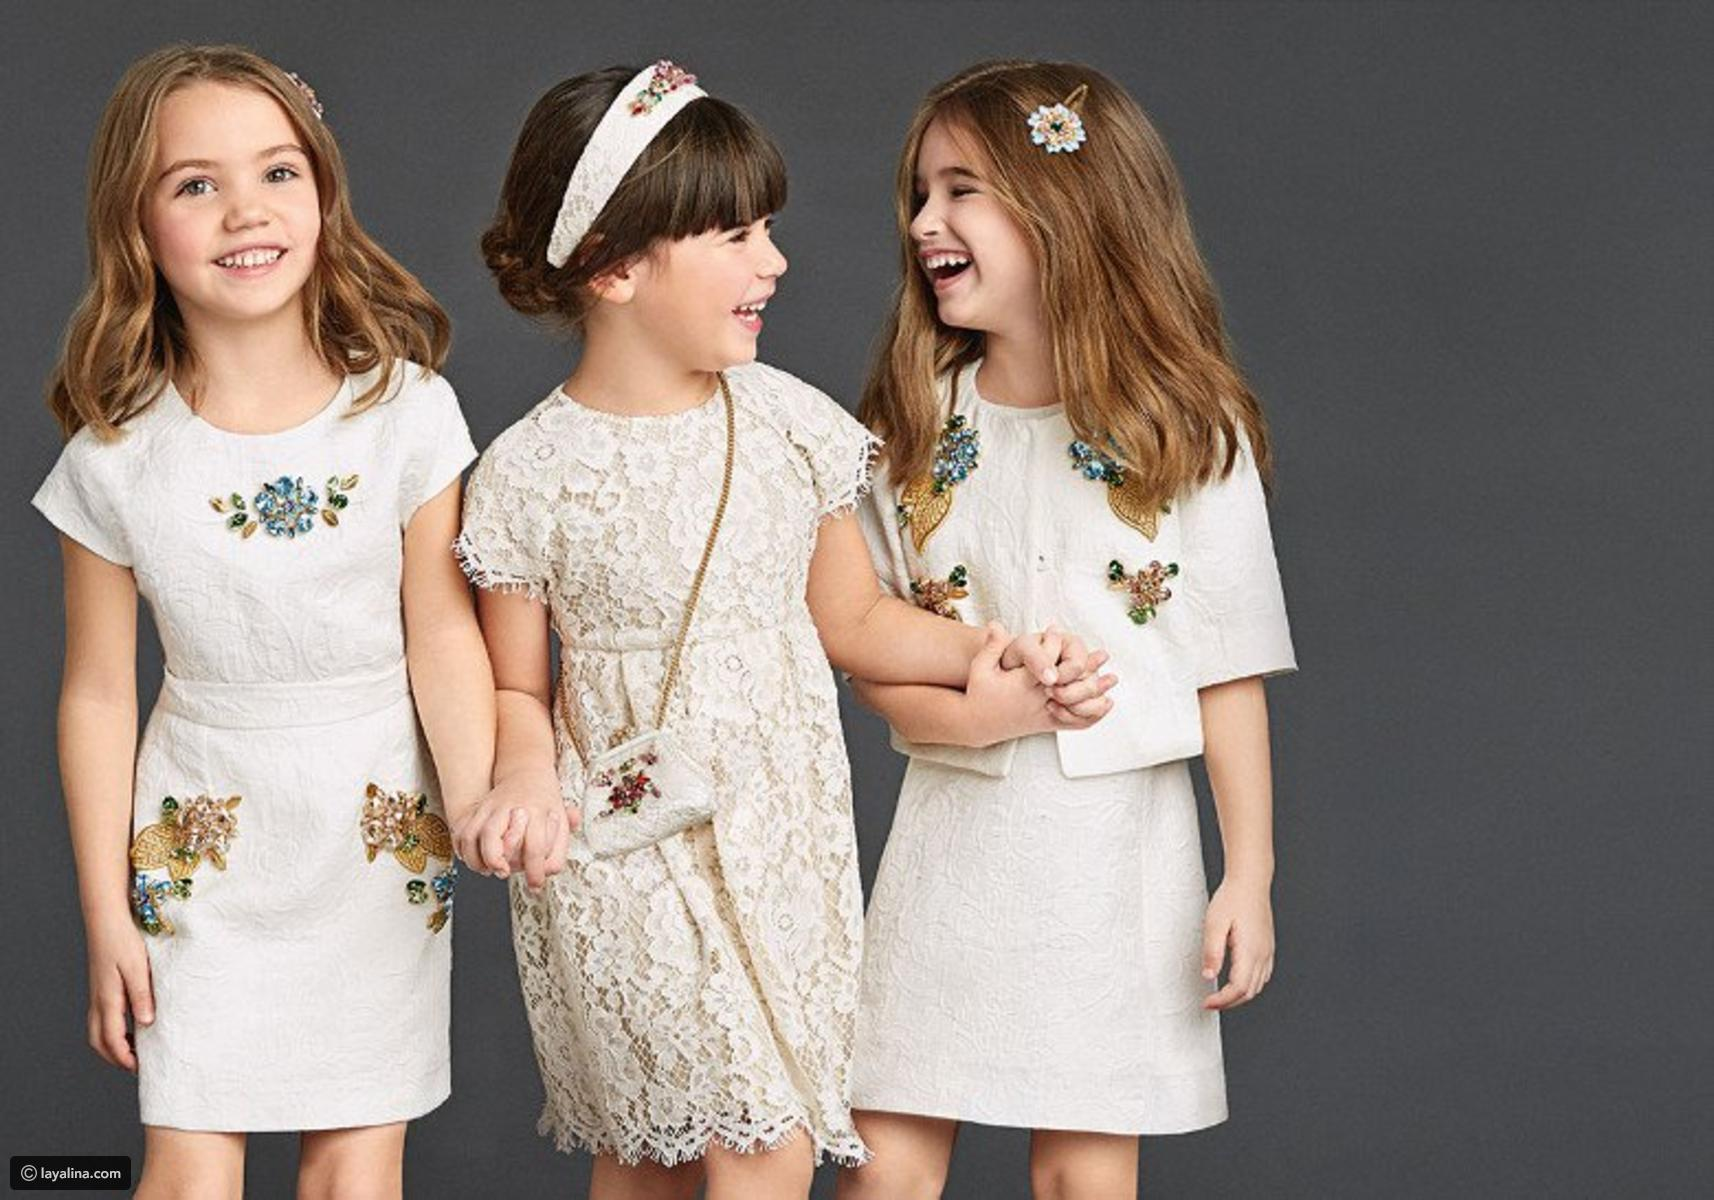 تفسير ملابس الاطفال في الحلم